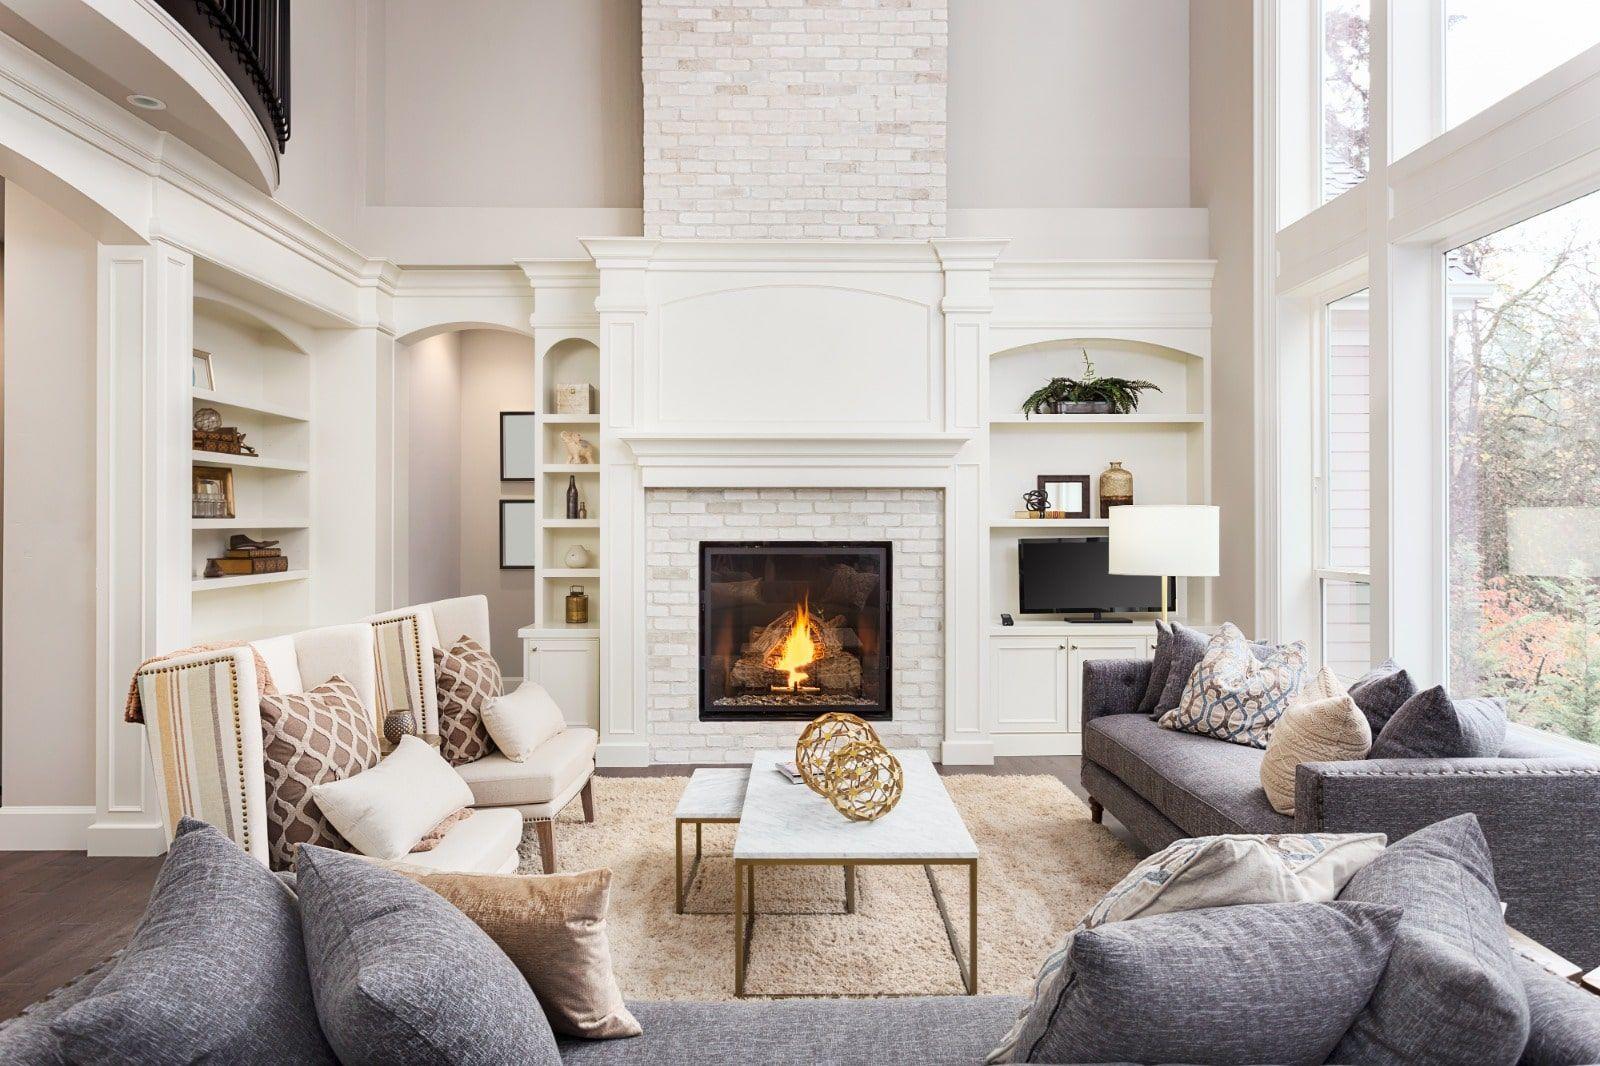 Decoración de interiores: Recuperando el amor por el hogar después del 2020 por Decoratips